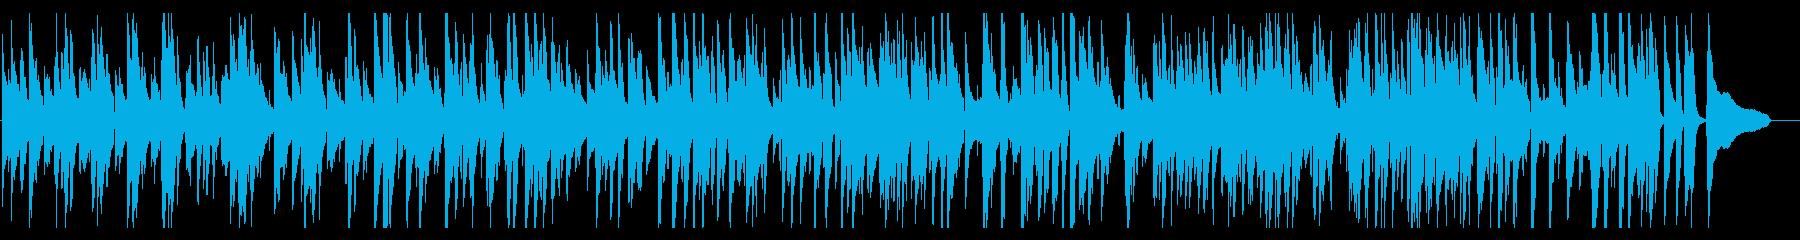 大人の楽しげなjazz風ピアノの再生済みの波形